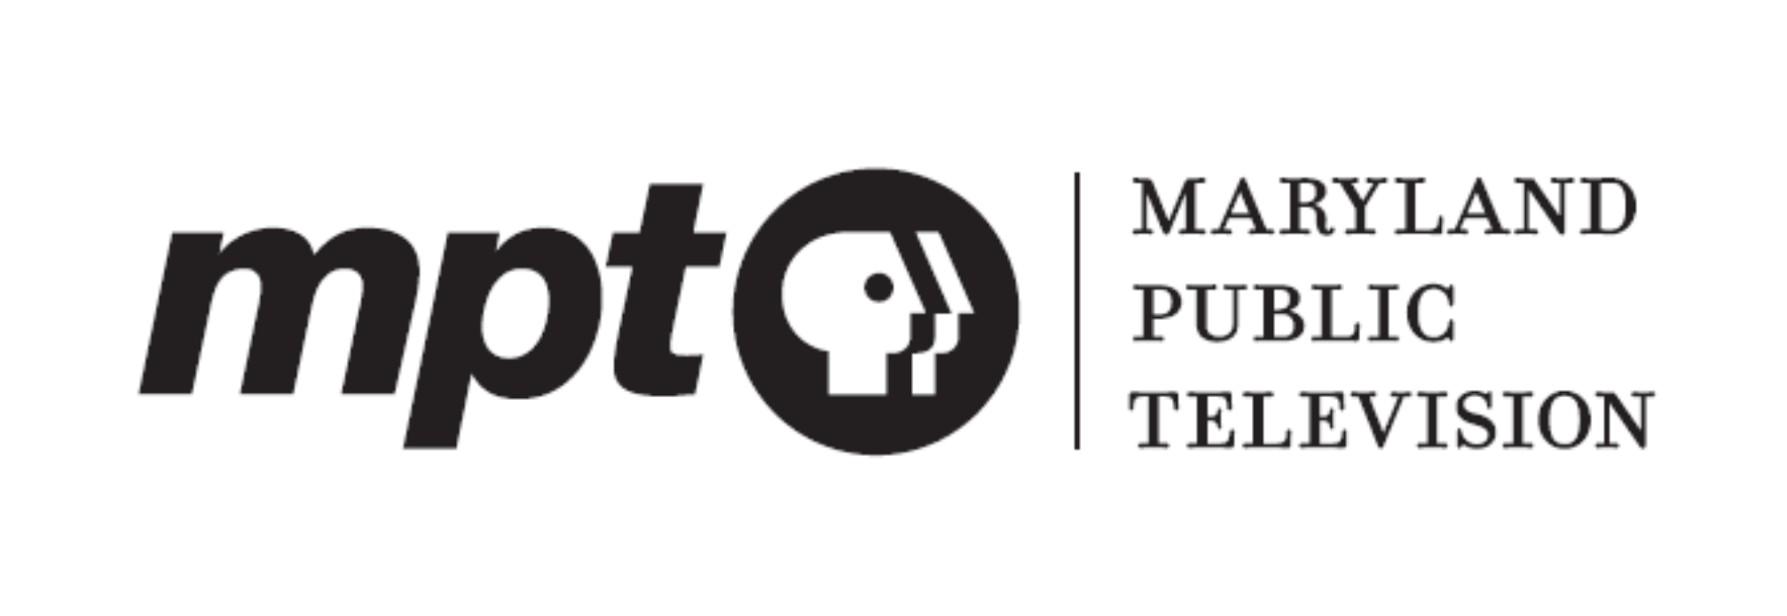 mpt_logo.jpg